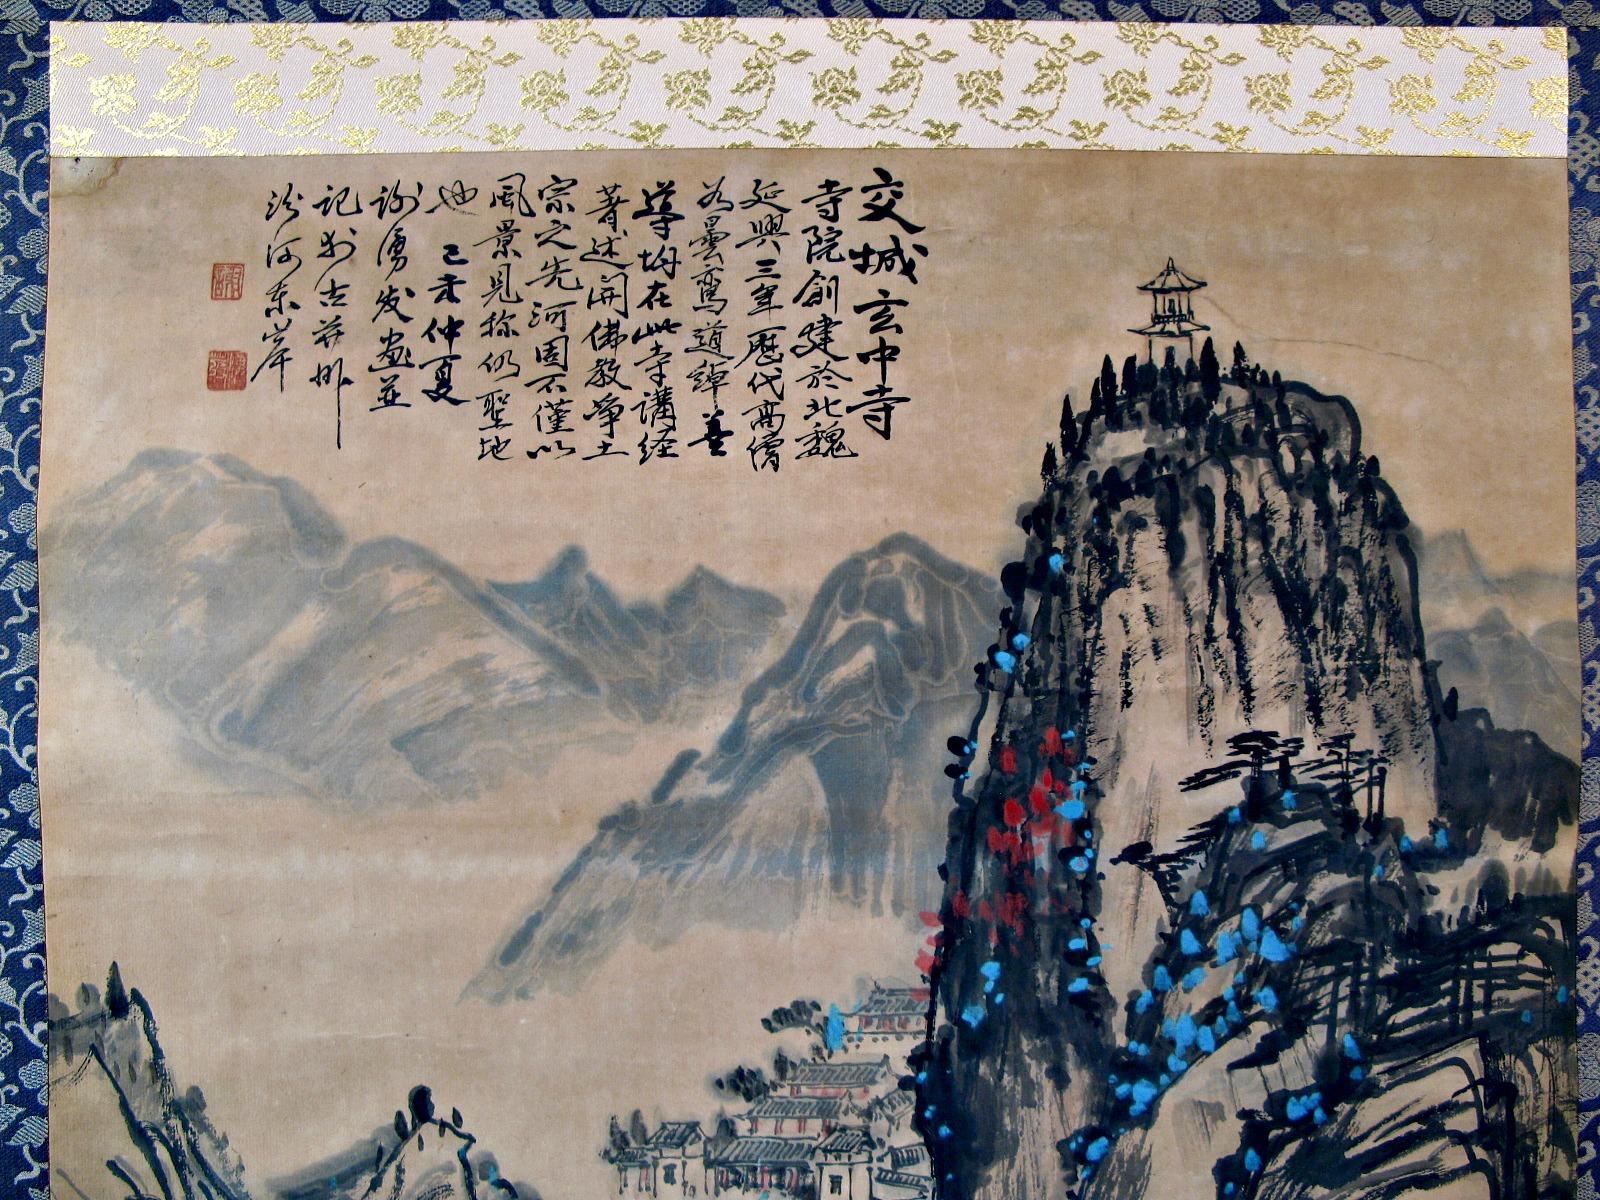 Amazoncom: chinese scrolls